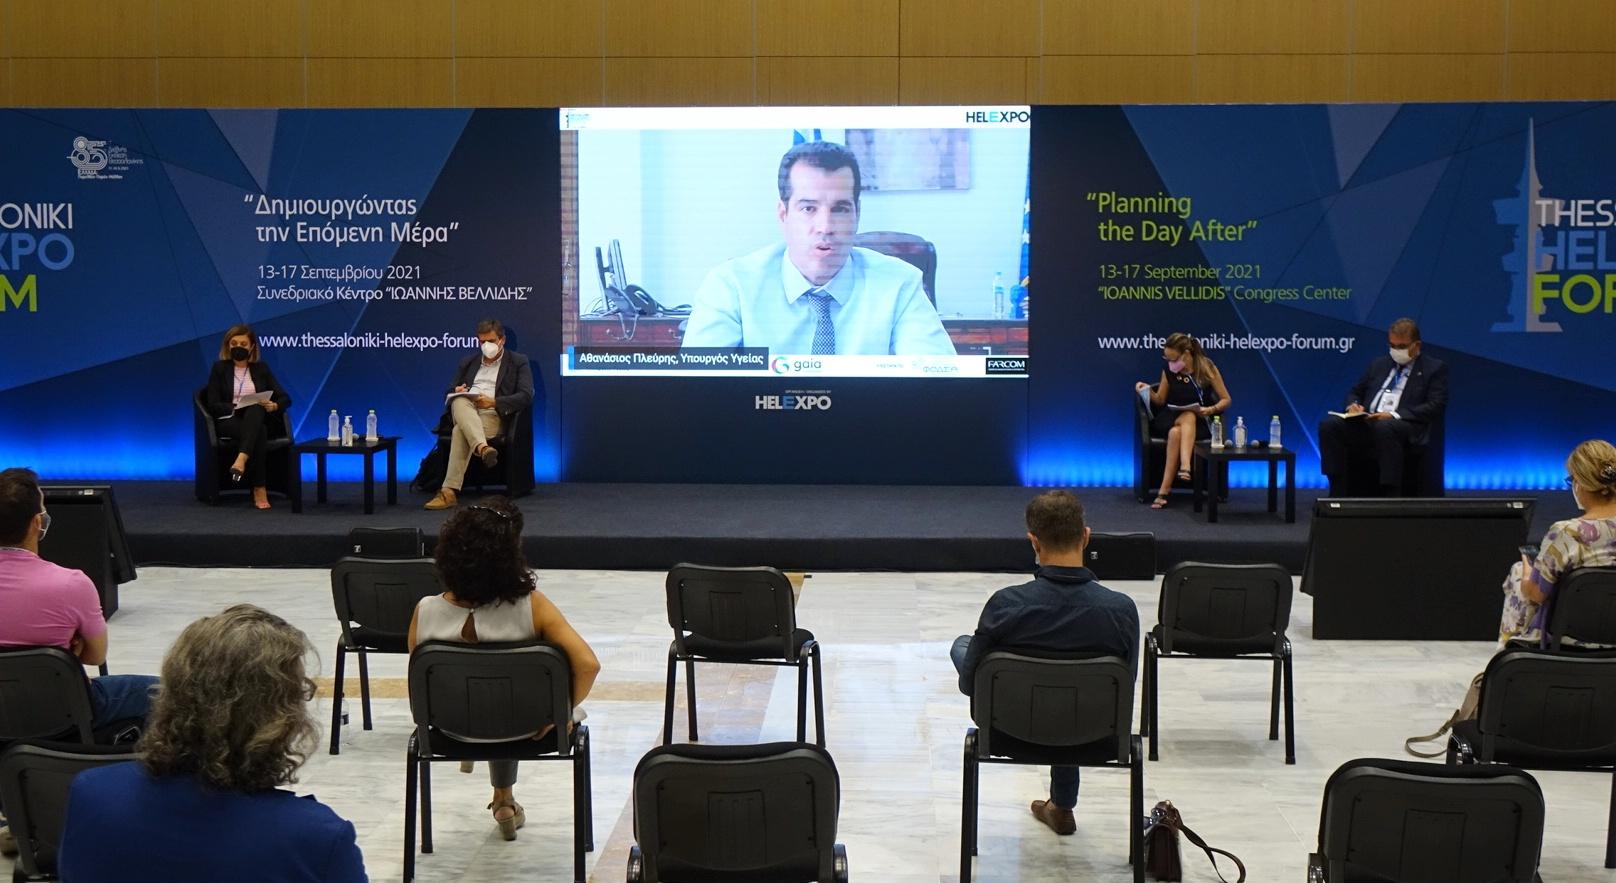 2ο Thessaloniki Helexpo Forum – Η υγεία και οι προκλήσεις μετά την πανδημία